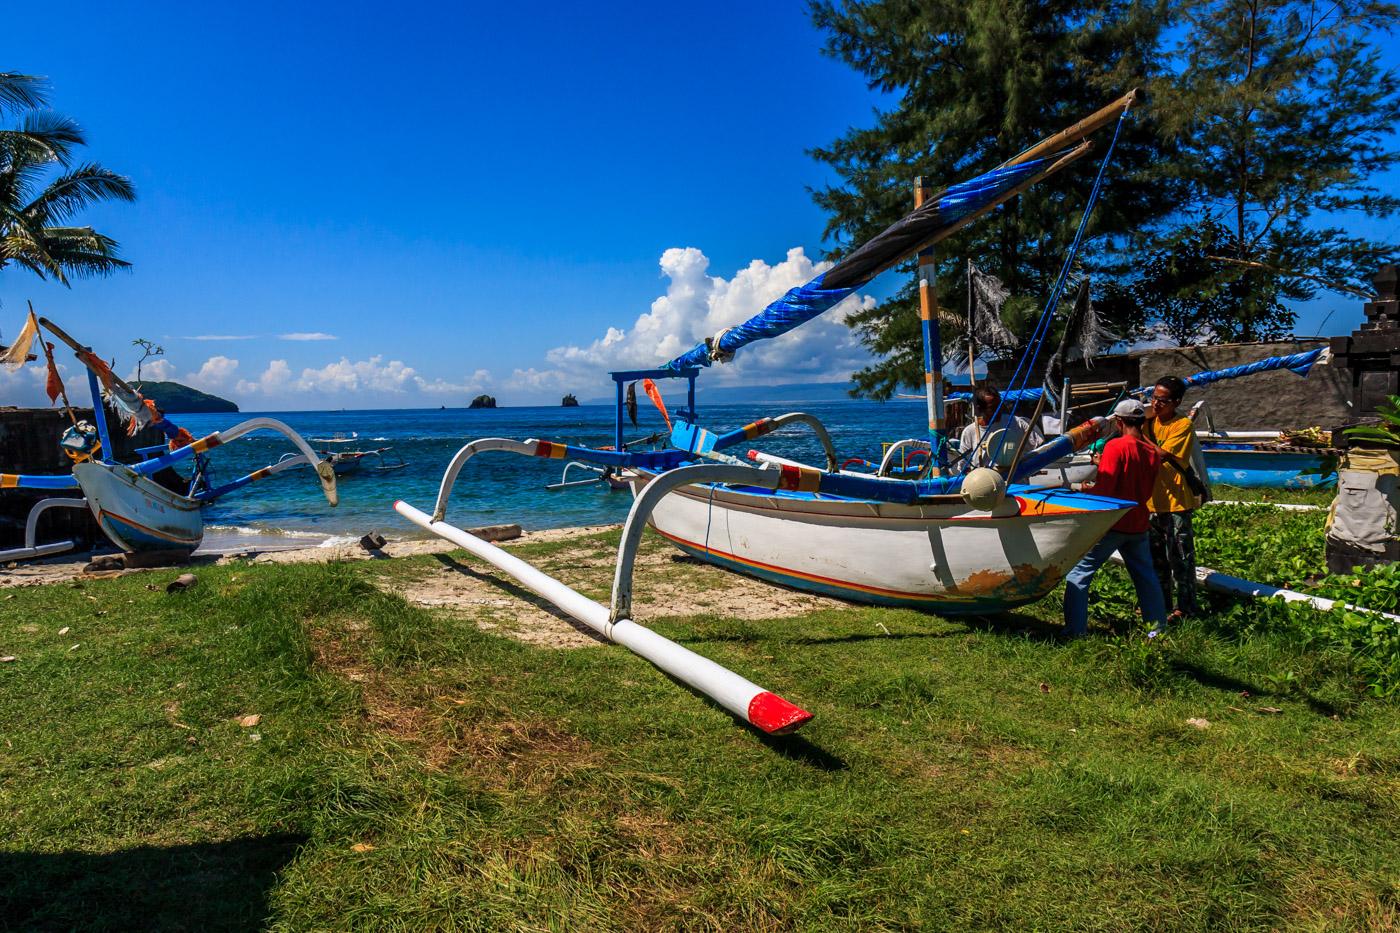 Locals repairing a boat.